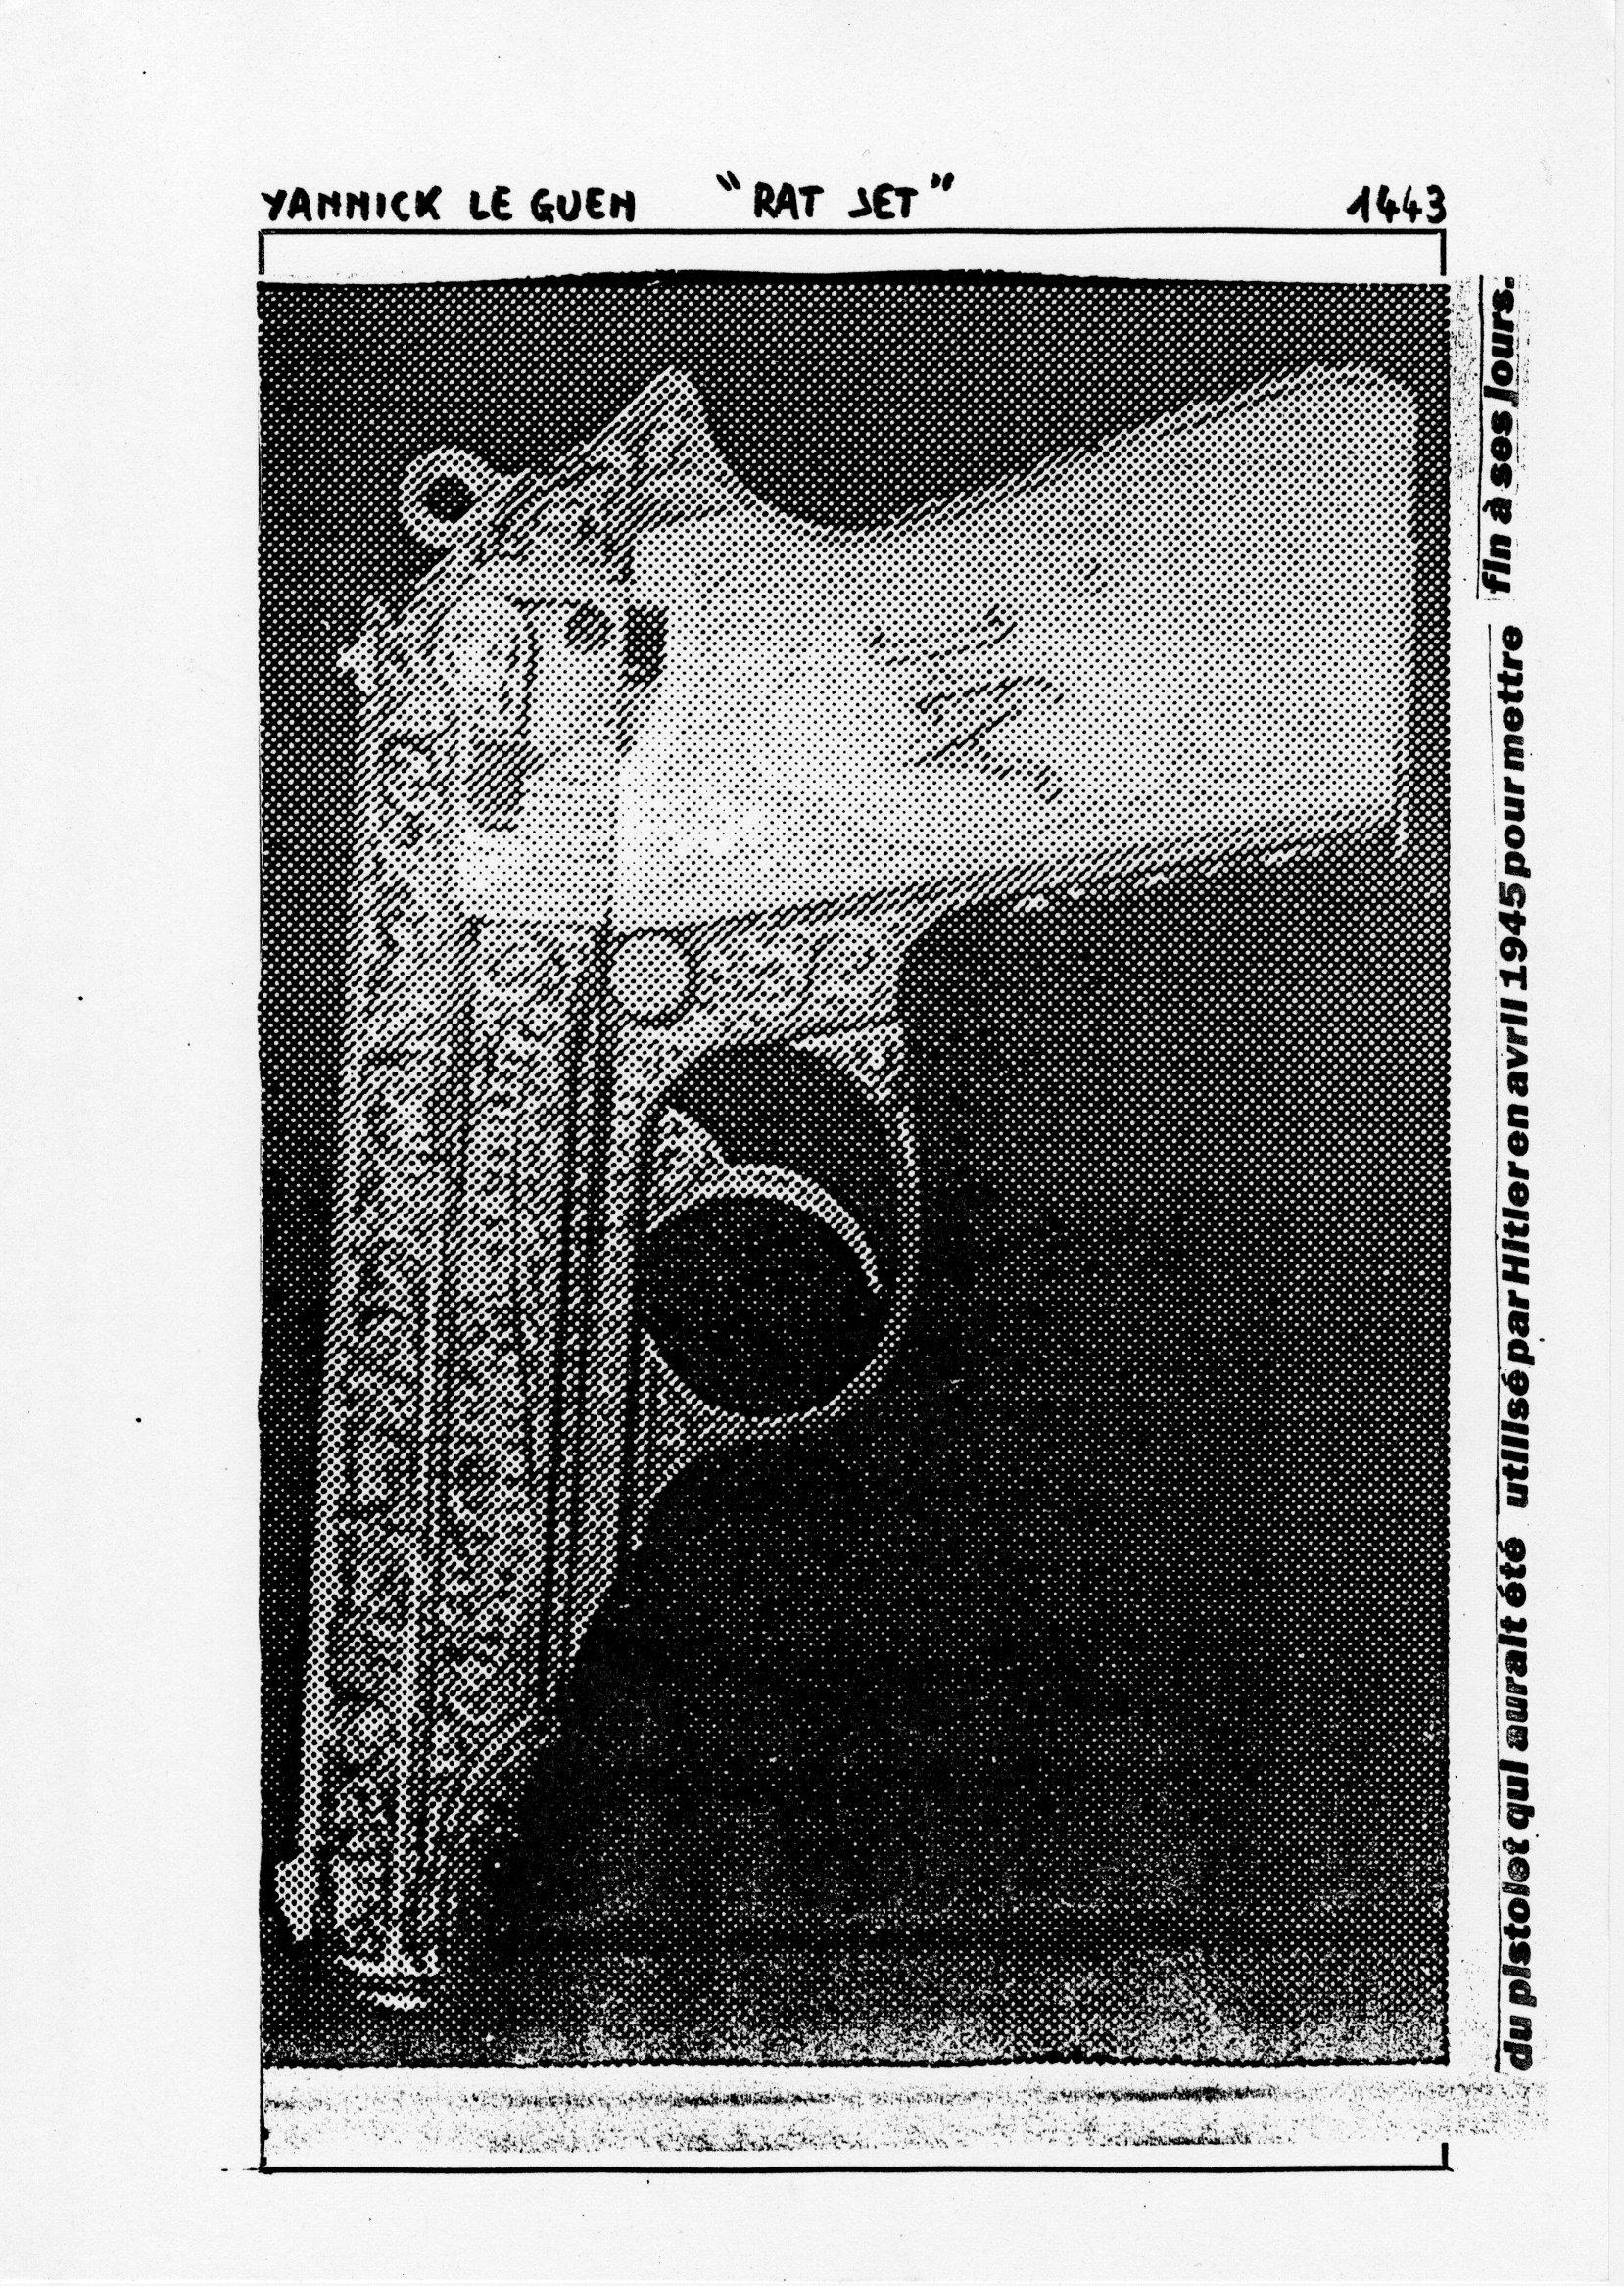 page 1443 Y. Leguen RAT JET